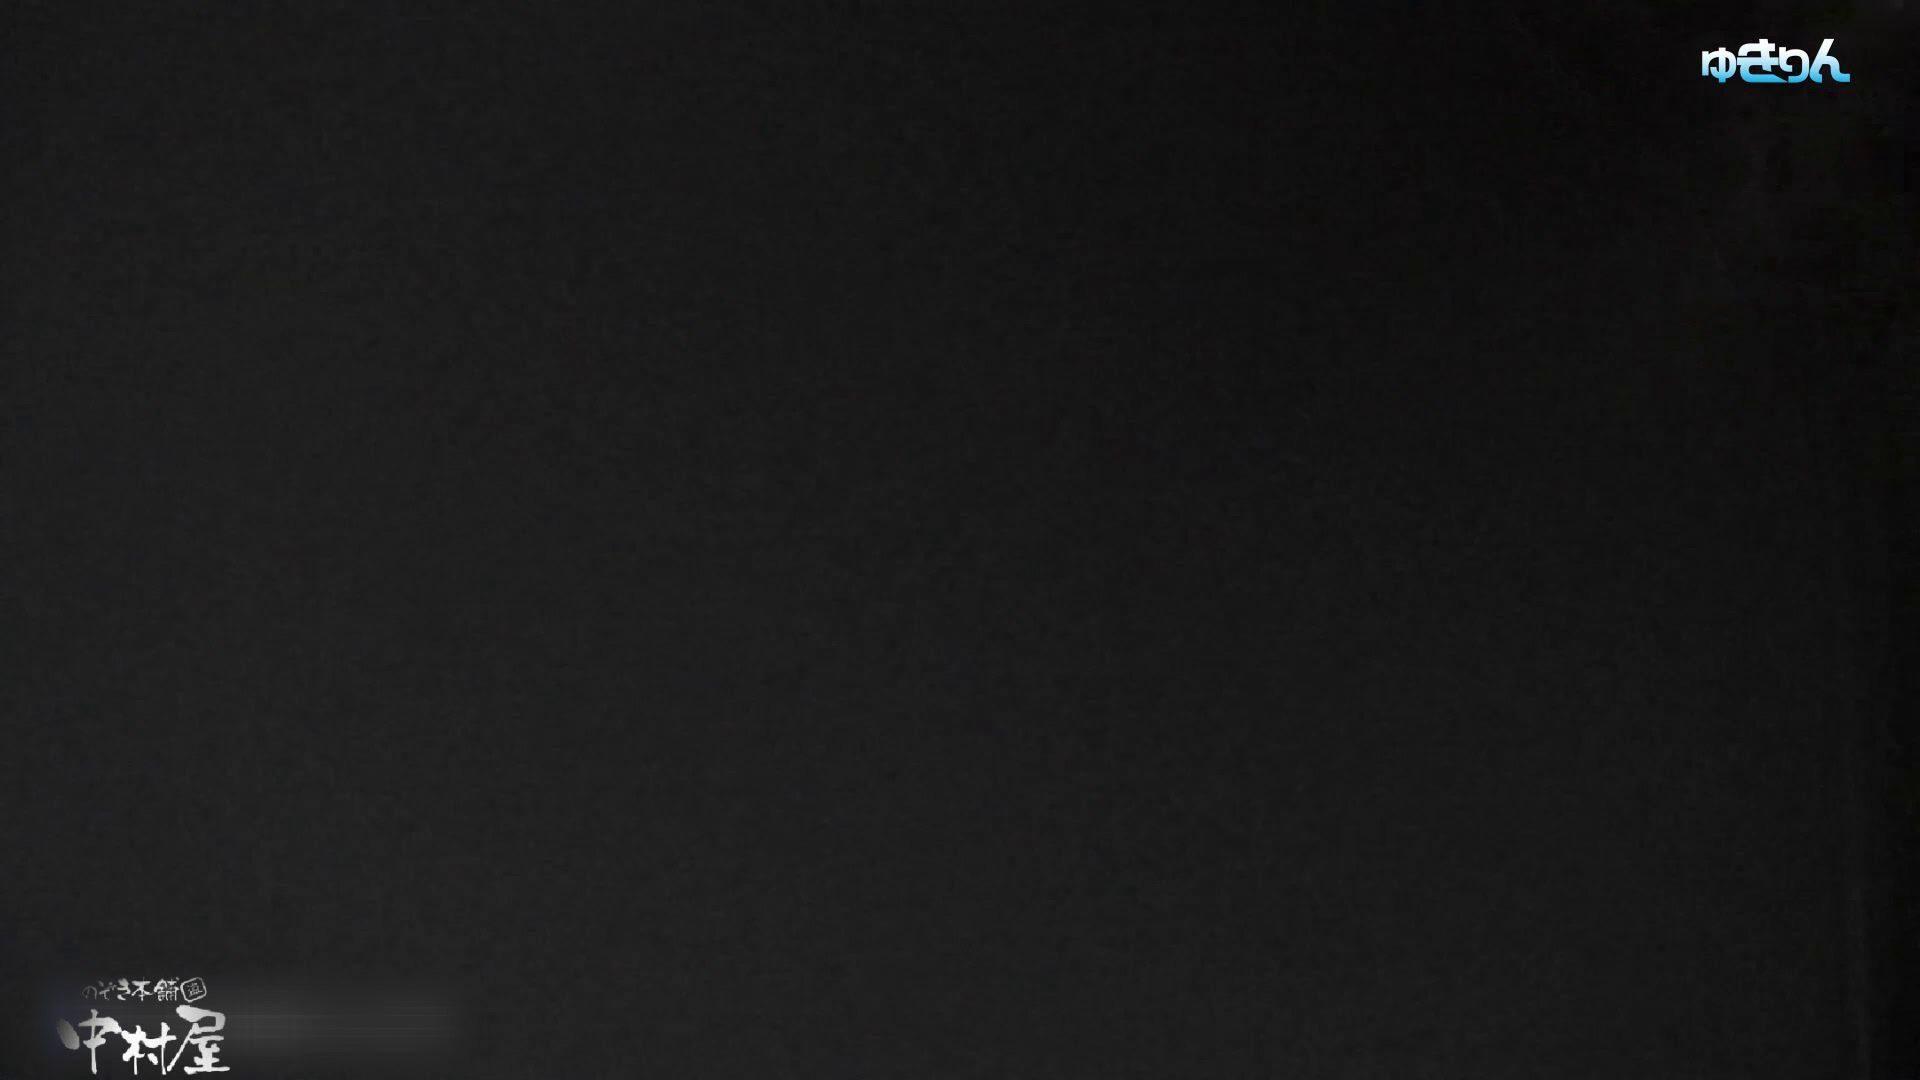 世界の射窓から~ステーション編 vol60 ユキリン粘着撮り!!今回はタイトなパンツが似合う美女 0  82pic 18